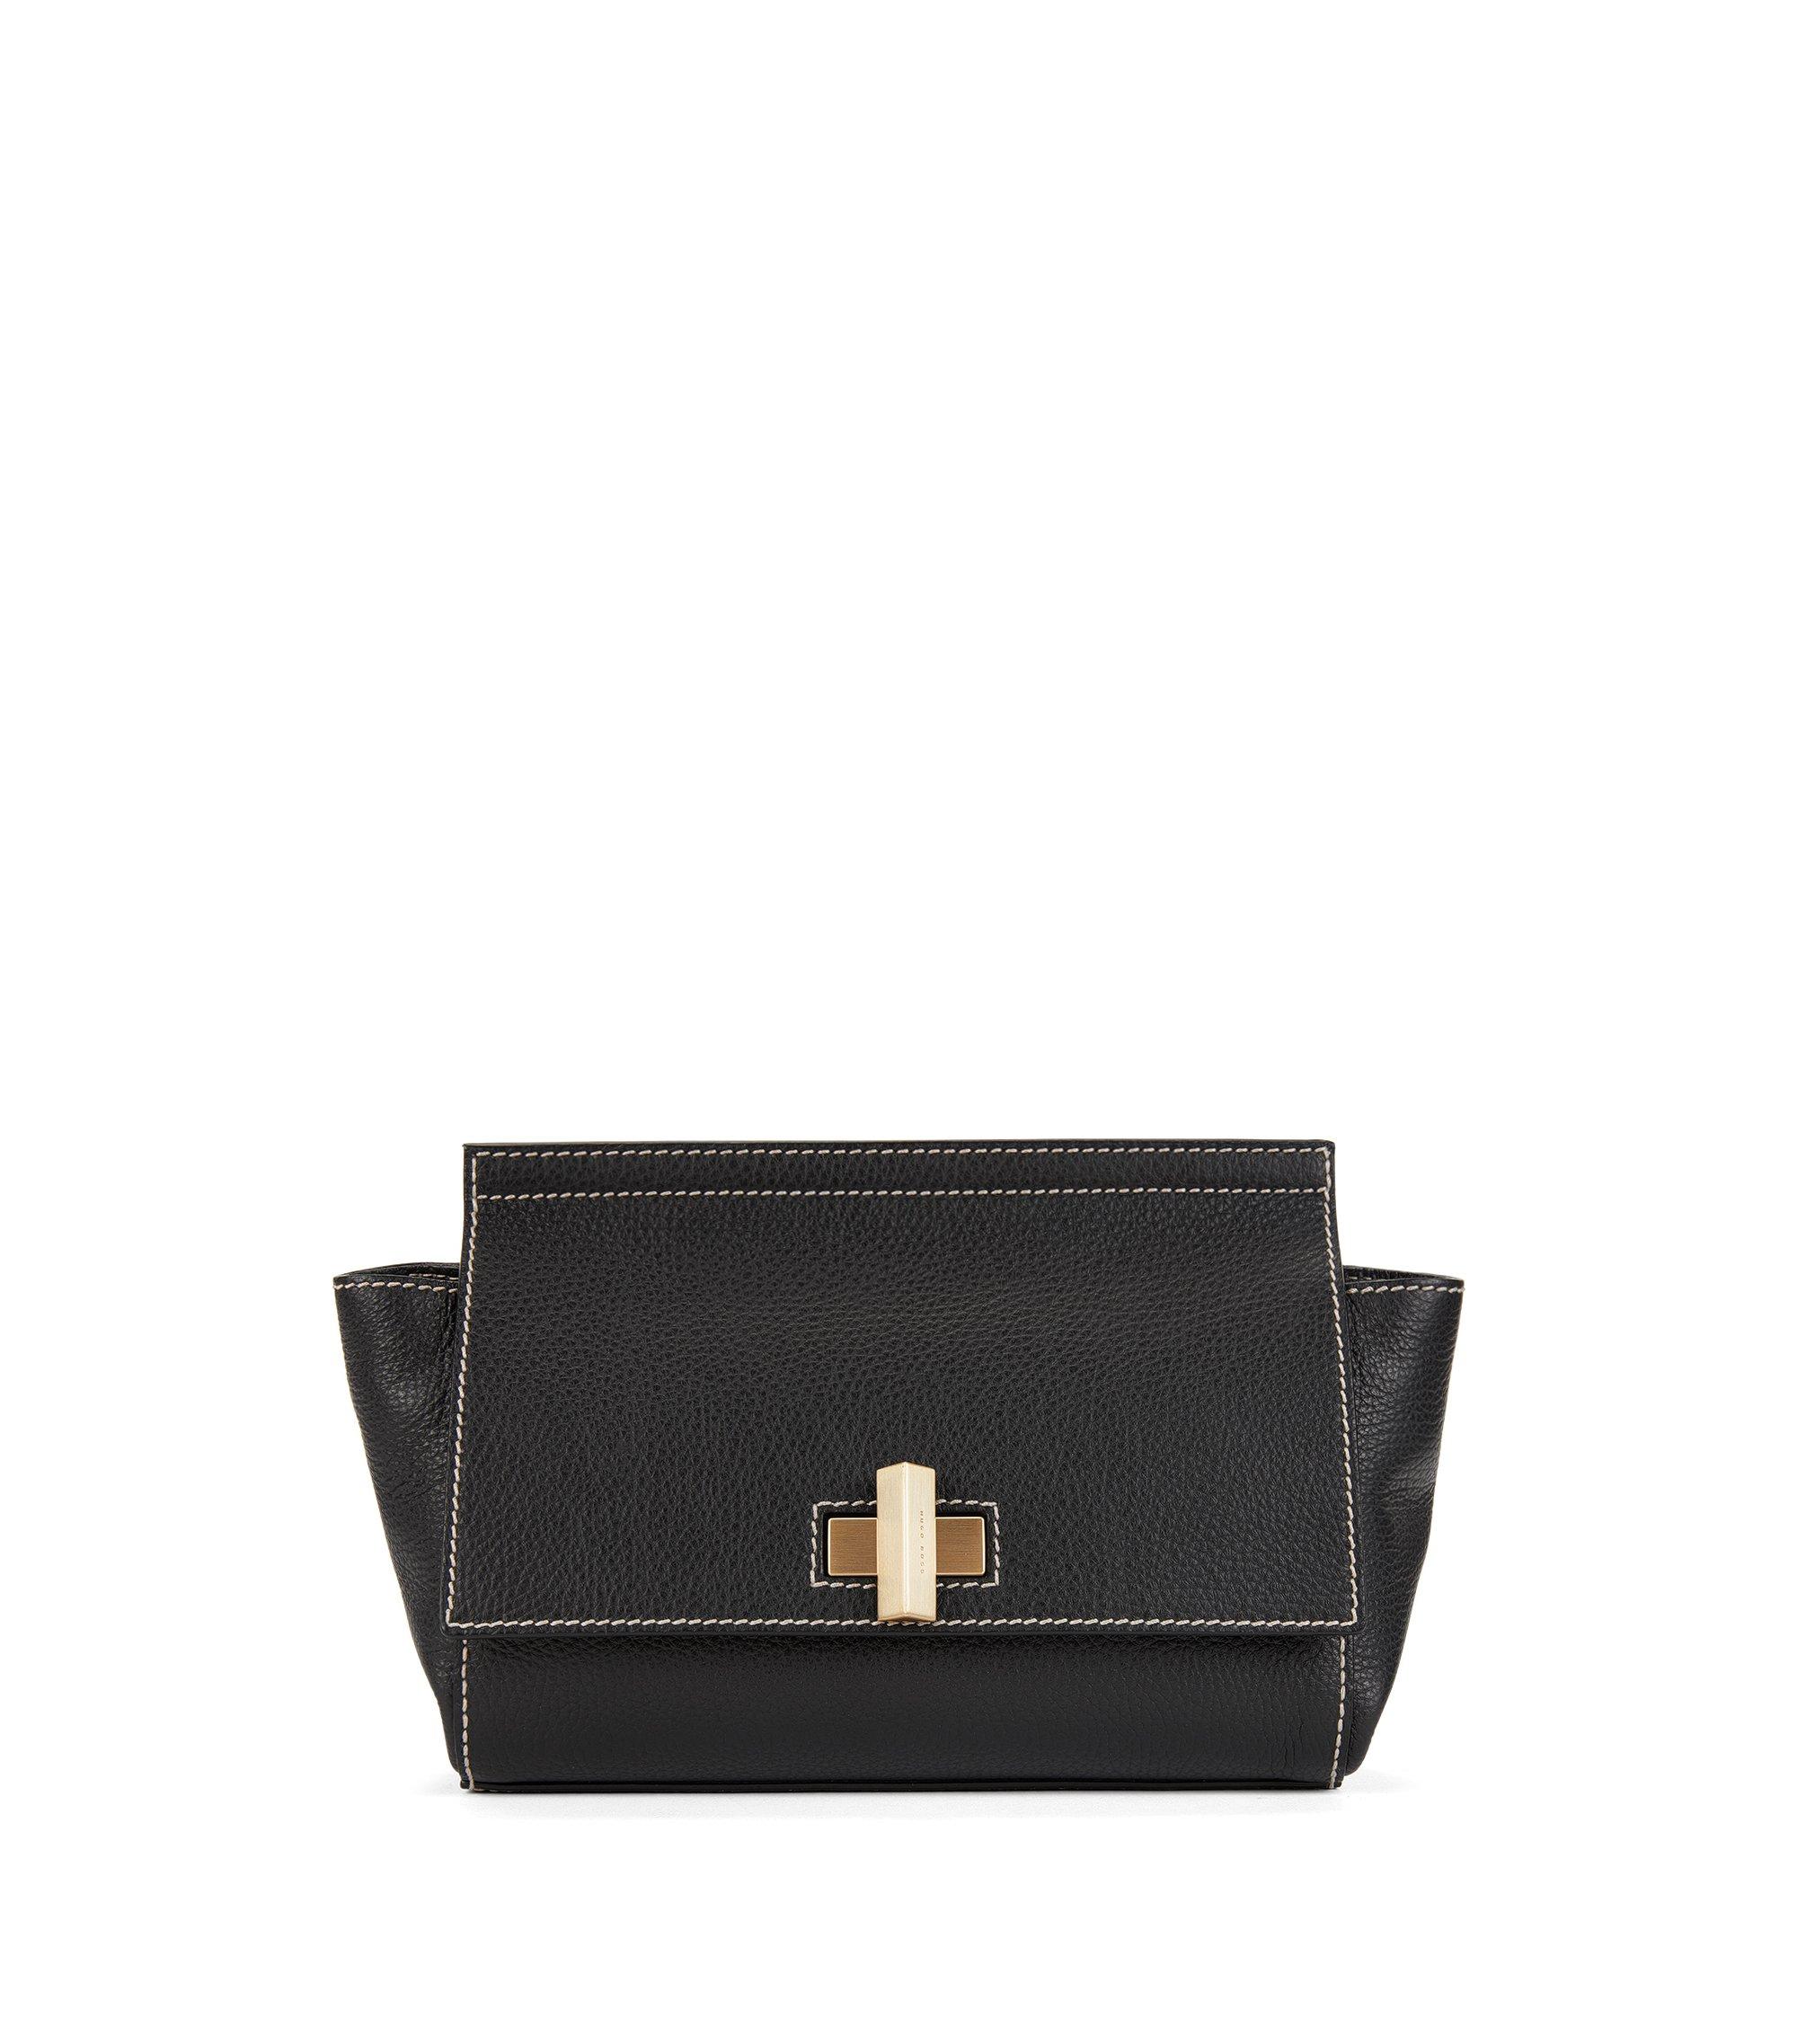 BOSS Bespoke Bag aus italienischem Leder mit Trapez-Form, Schwarz